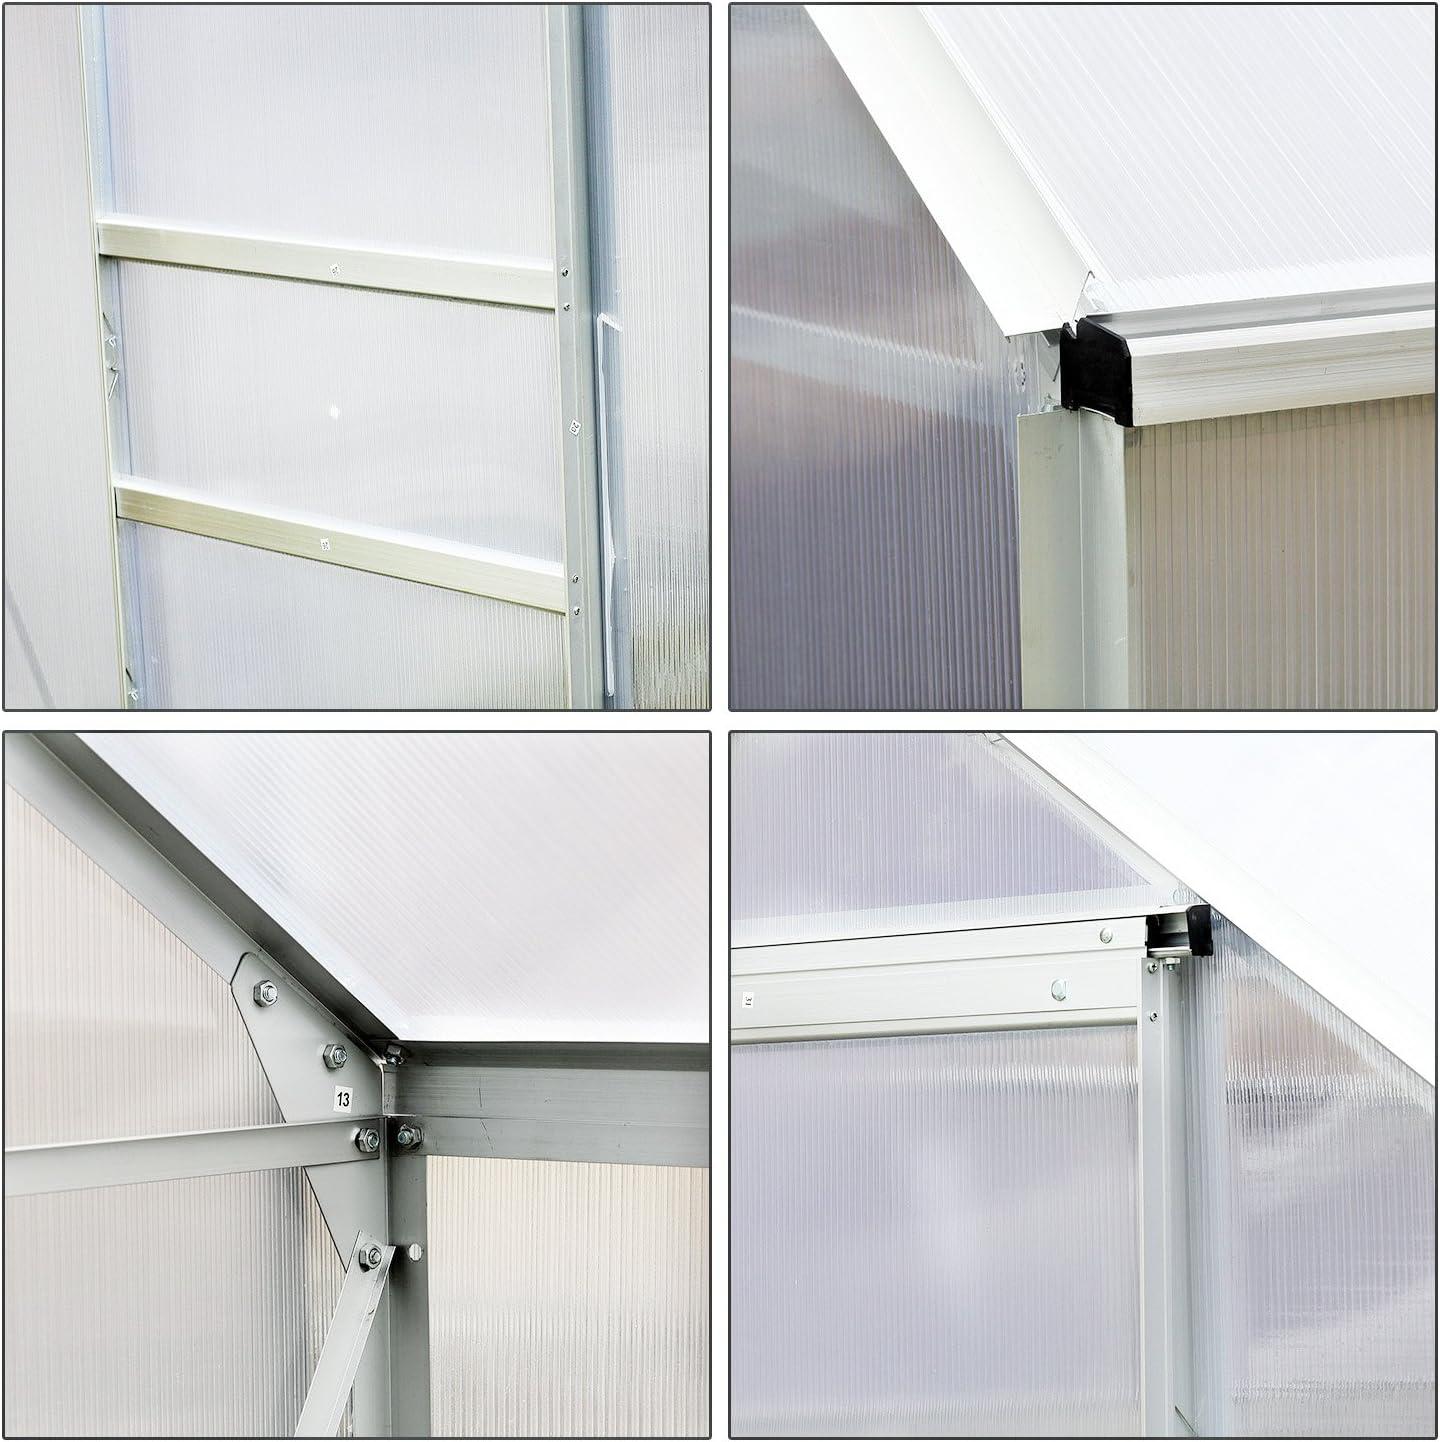 Invernadero de jardín, de aluminio policarbonato de 9, 74 m³, 2, 5 x 1, 9 x 2, 05 m (largo x ancho x alto) con fundación, ventanas y puerta corredera.: Amazon.es: Jardín